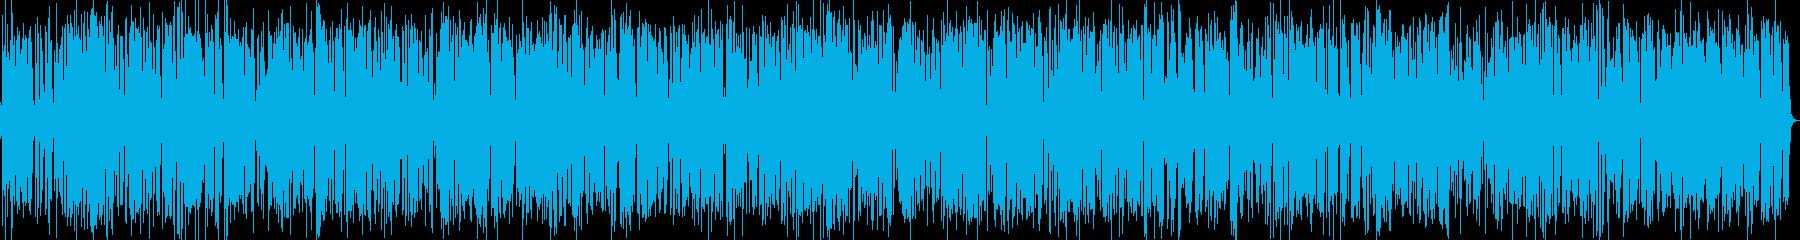 18分おしゃれジャズピアノバーBGMの再生済みの波形